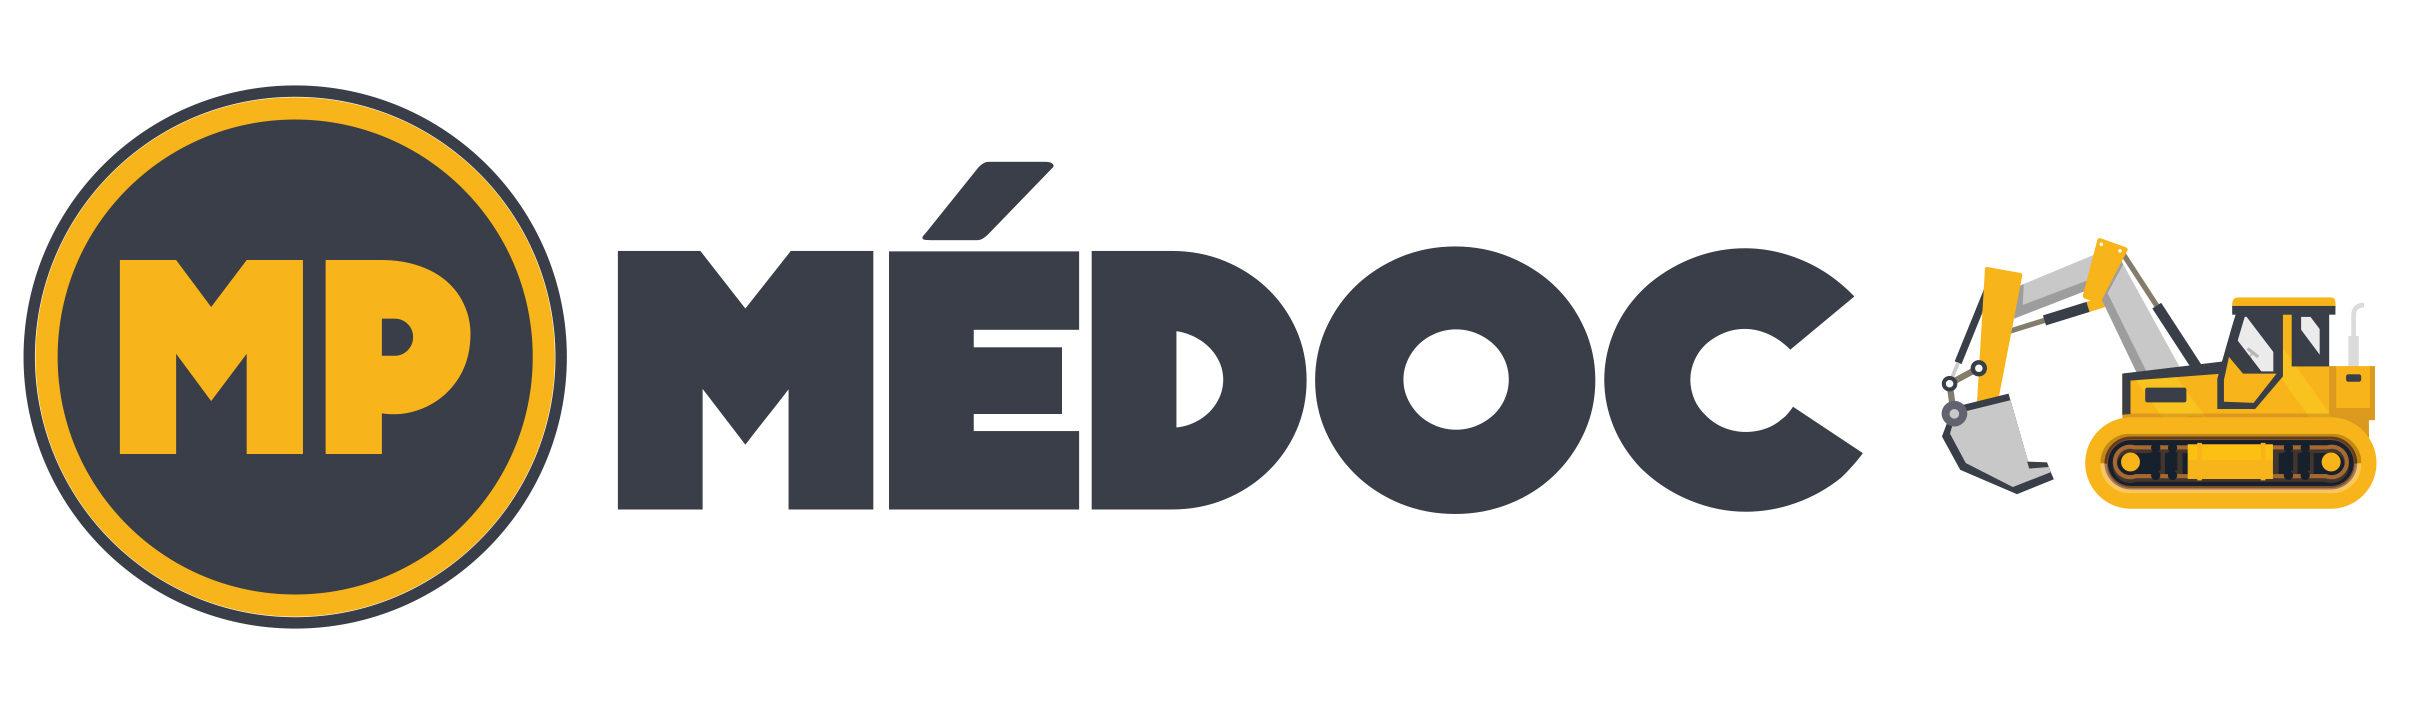 MP MEDOC